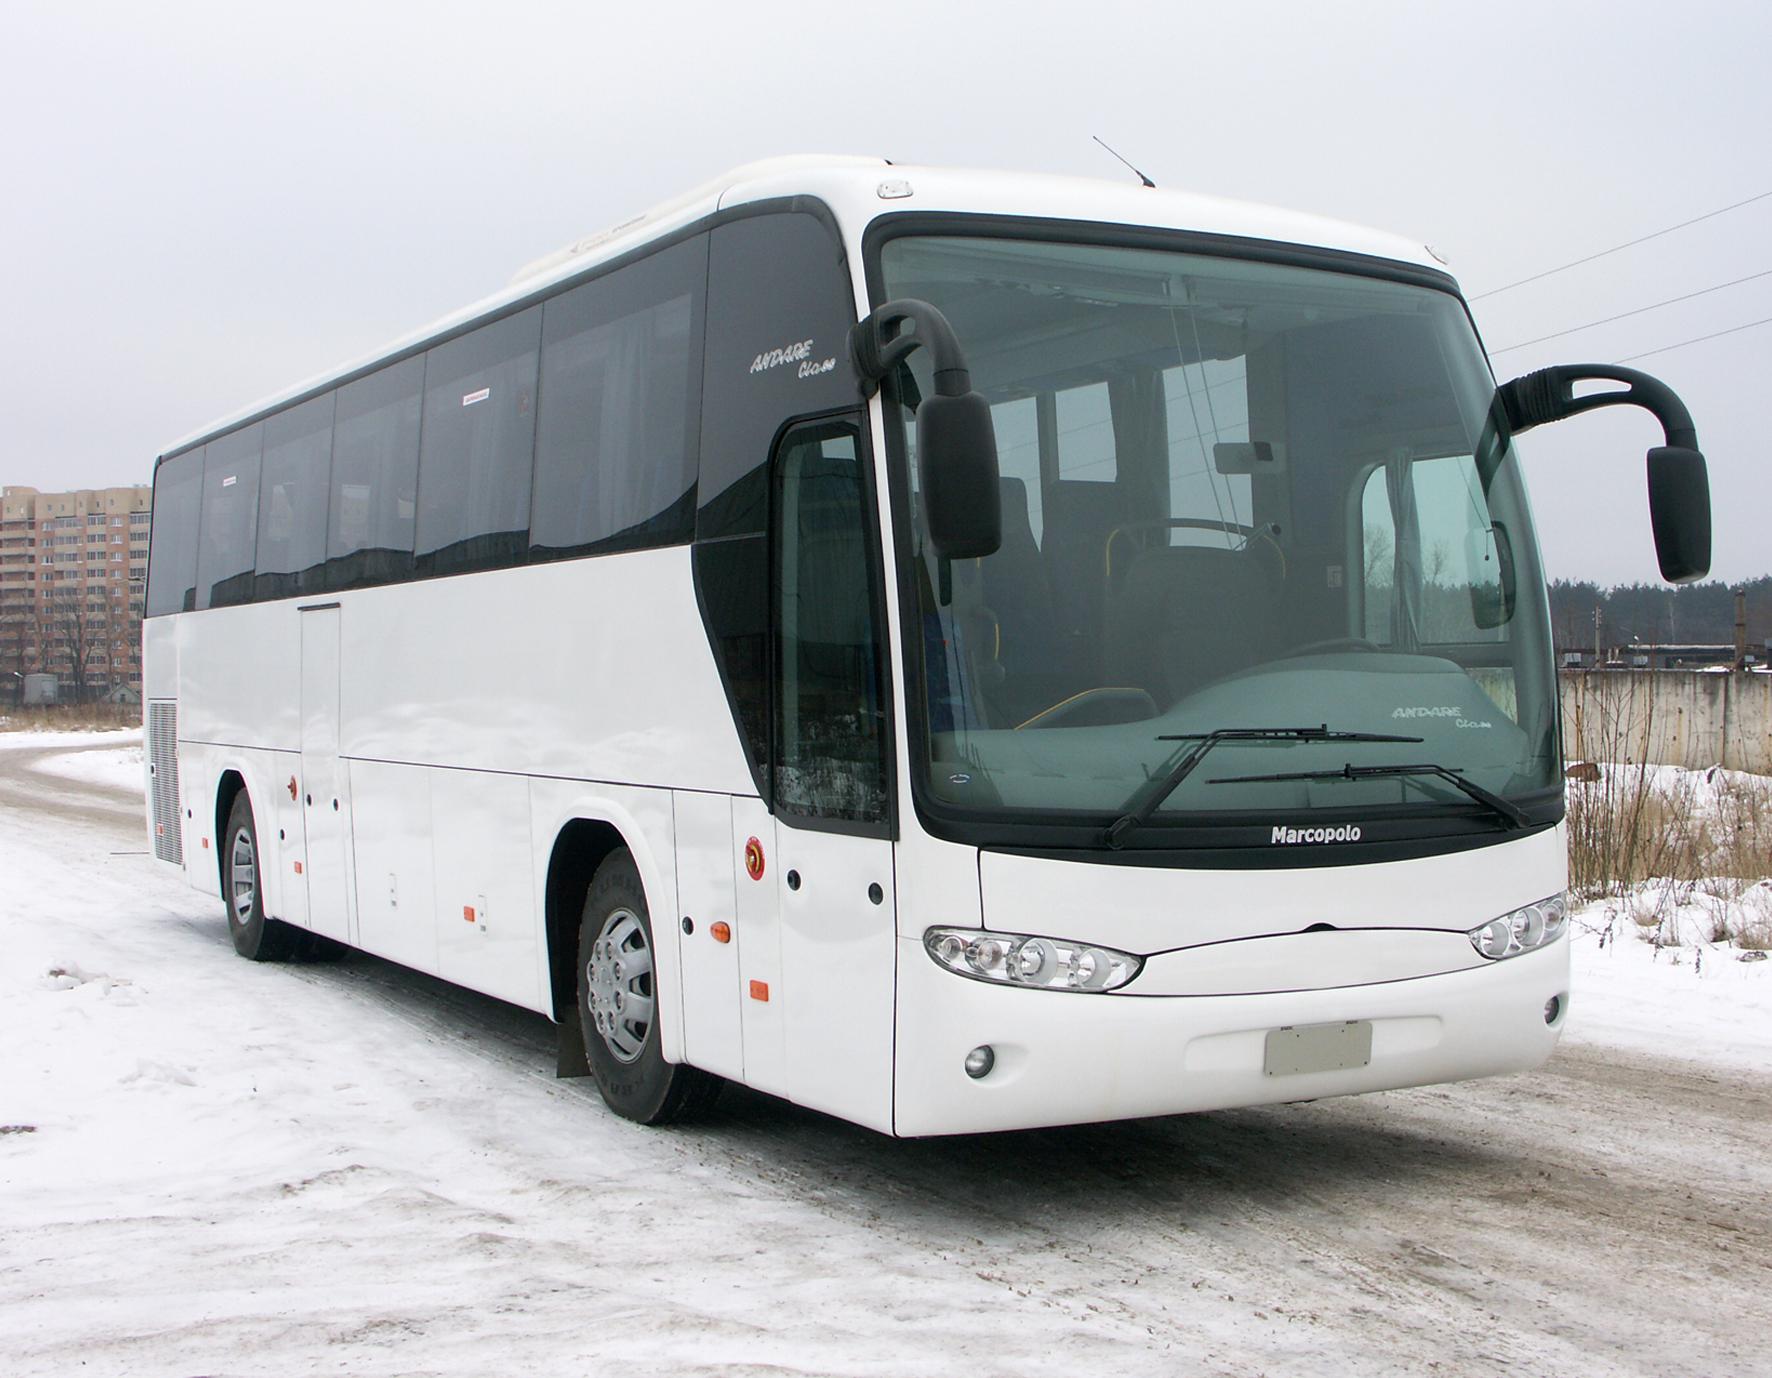 ВТатарстане ограничен выезд междугородних автобусов на дороги